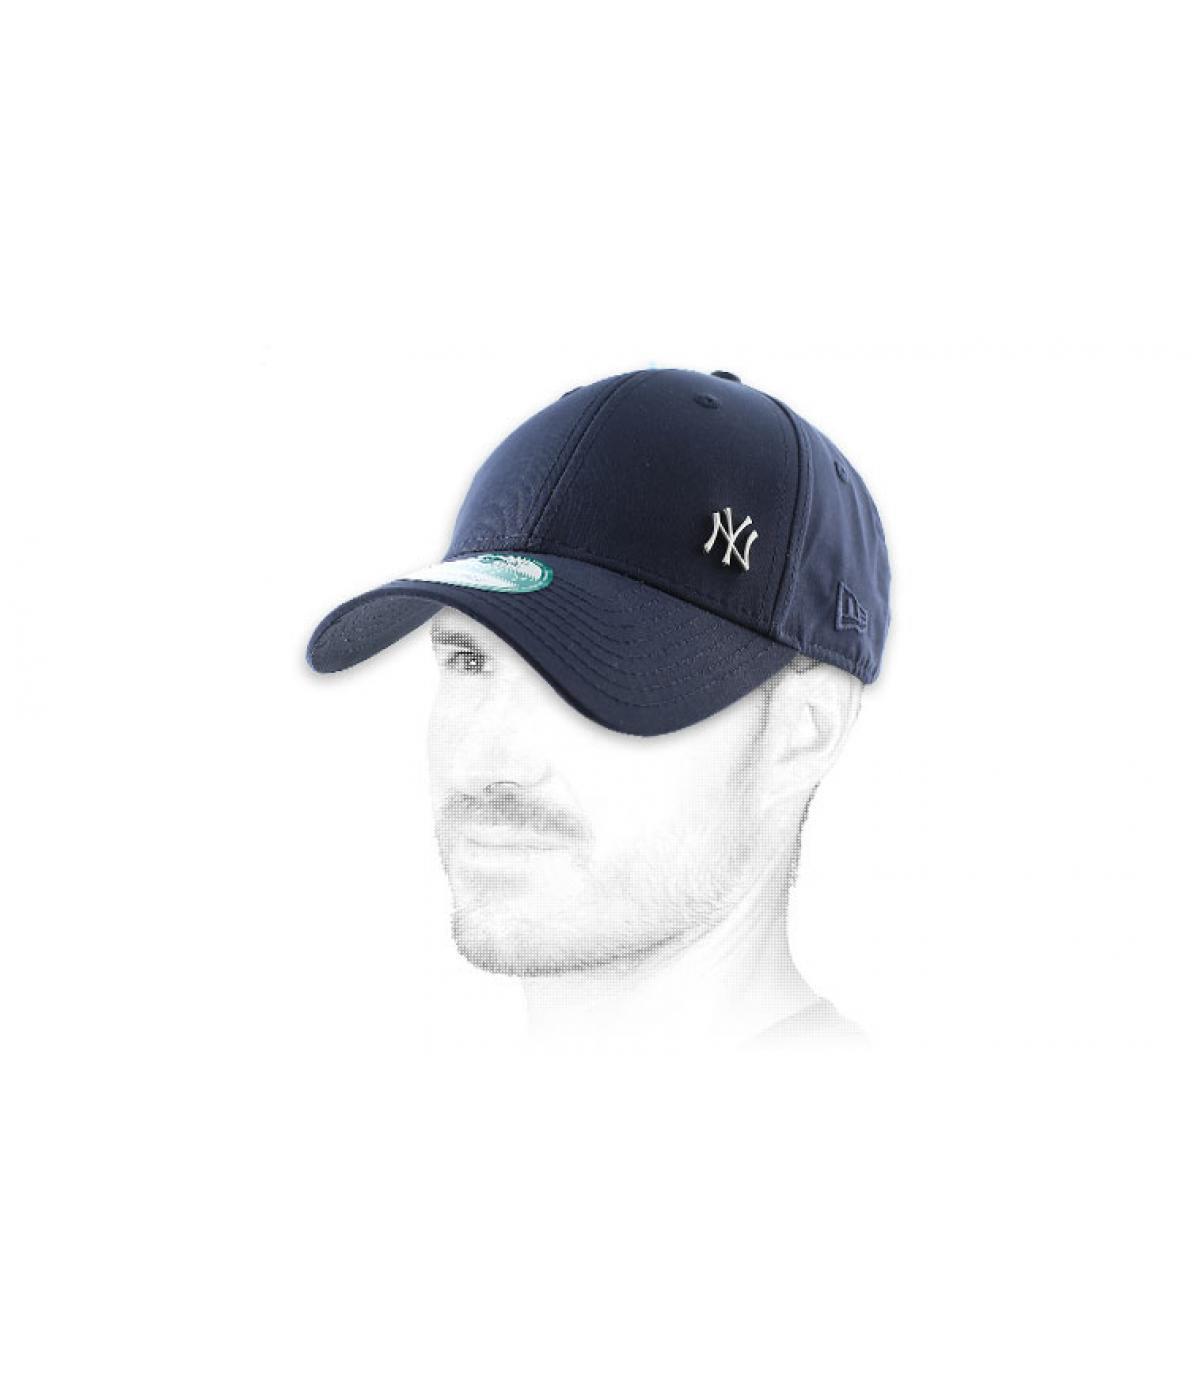 cappello camionista piccolo NY